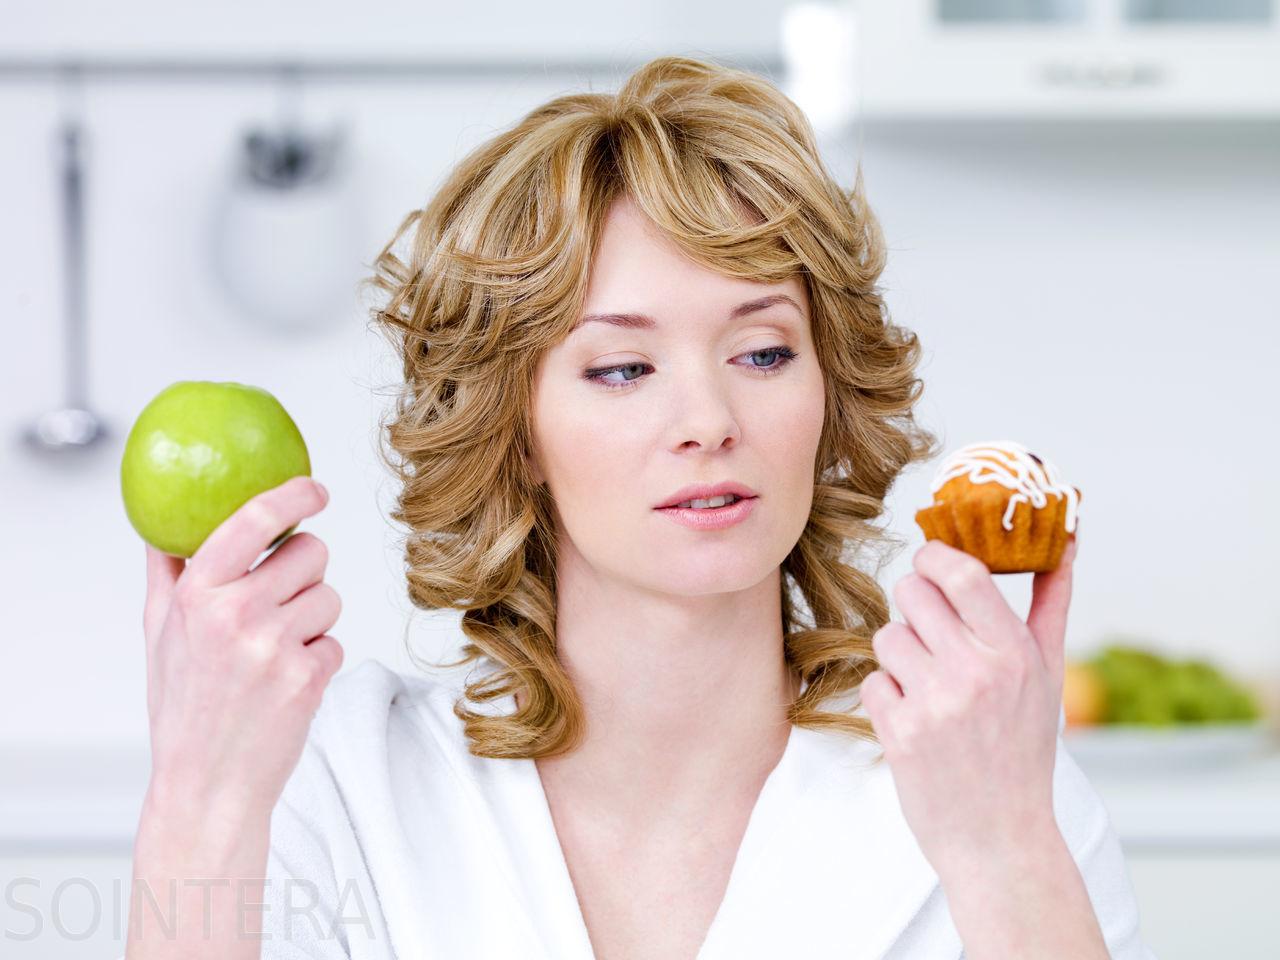 Что кушать в разгрузочные дни чтобы похудеть но быть без чувства голода